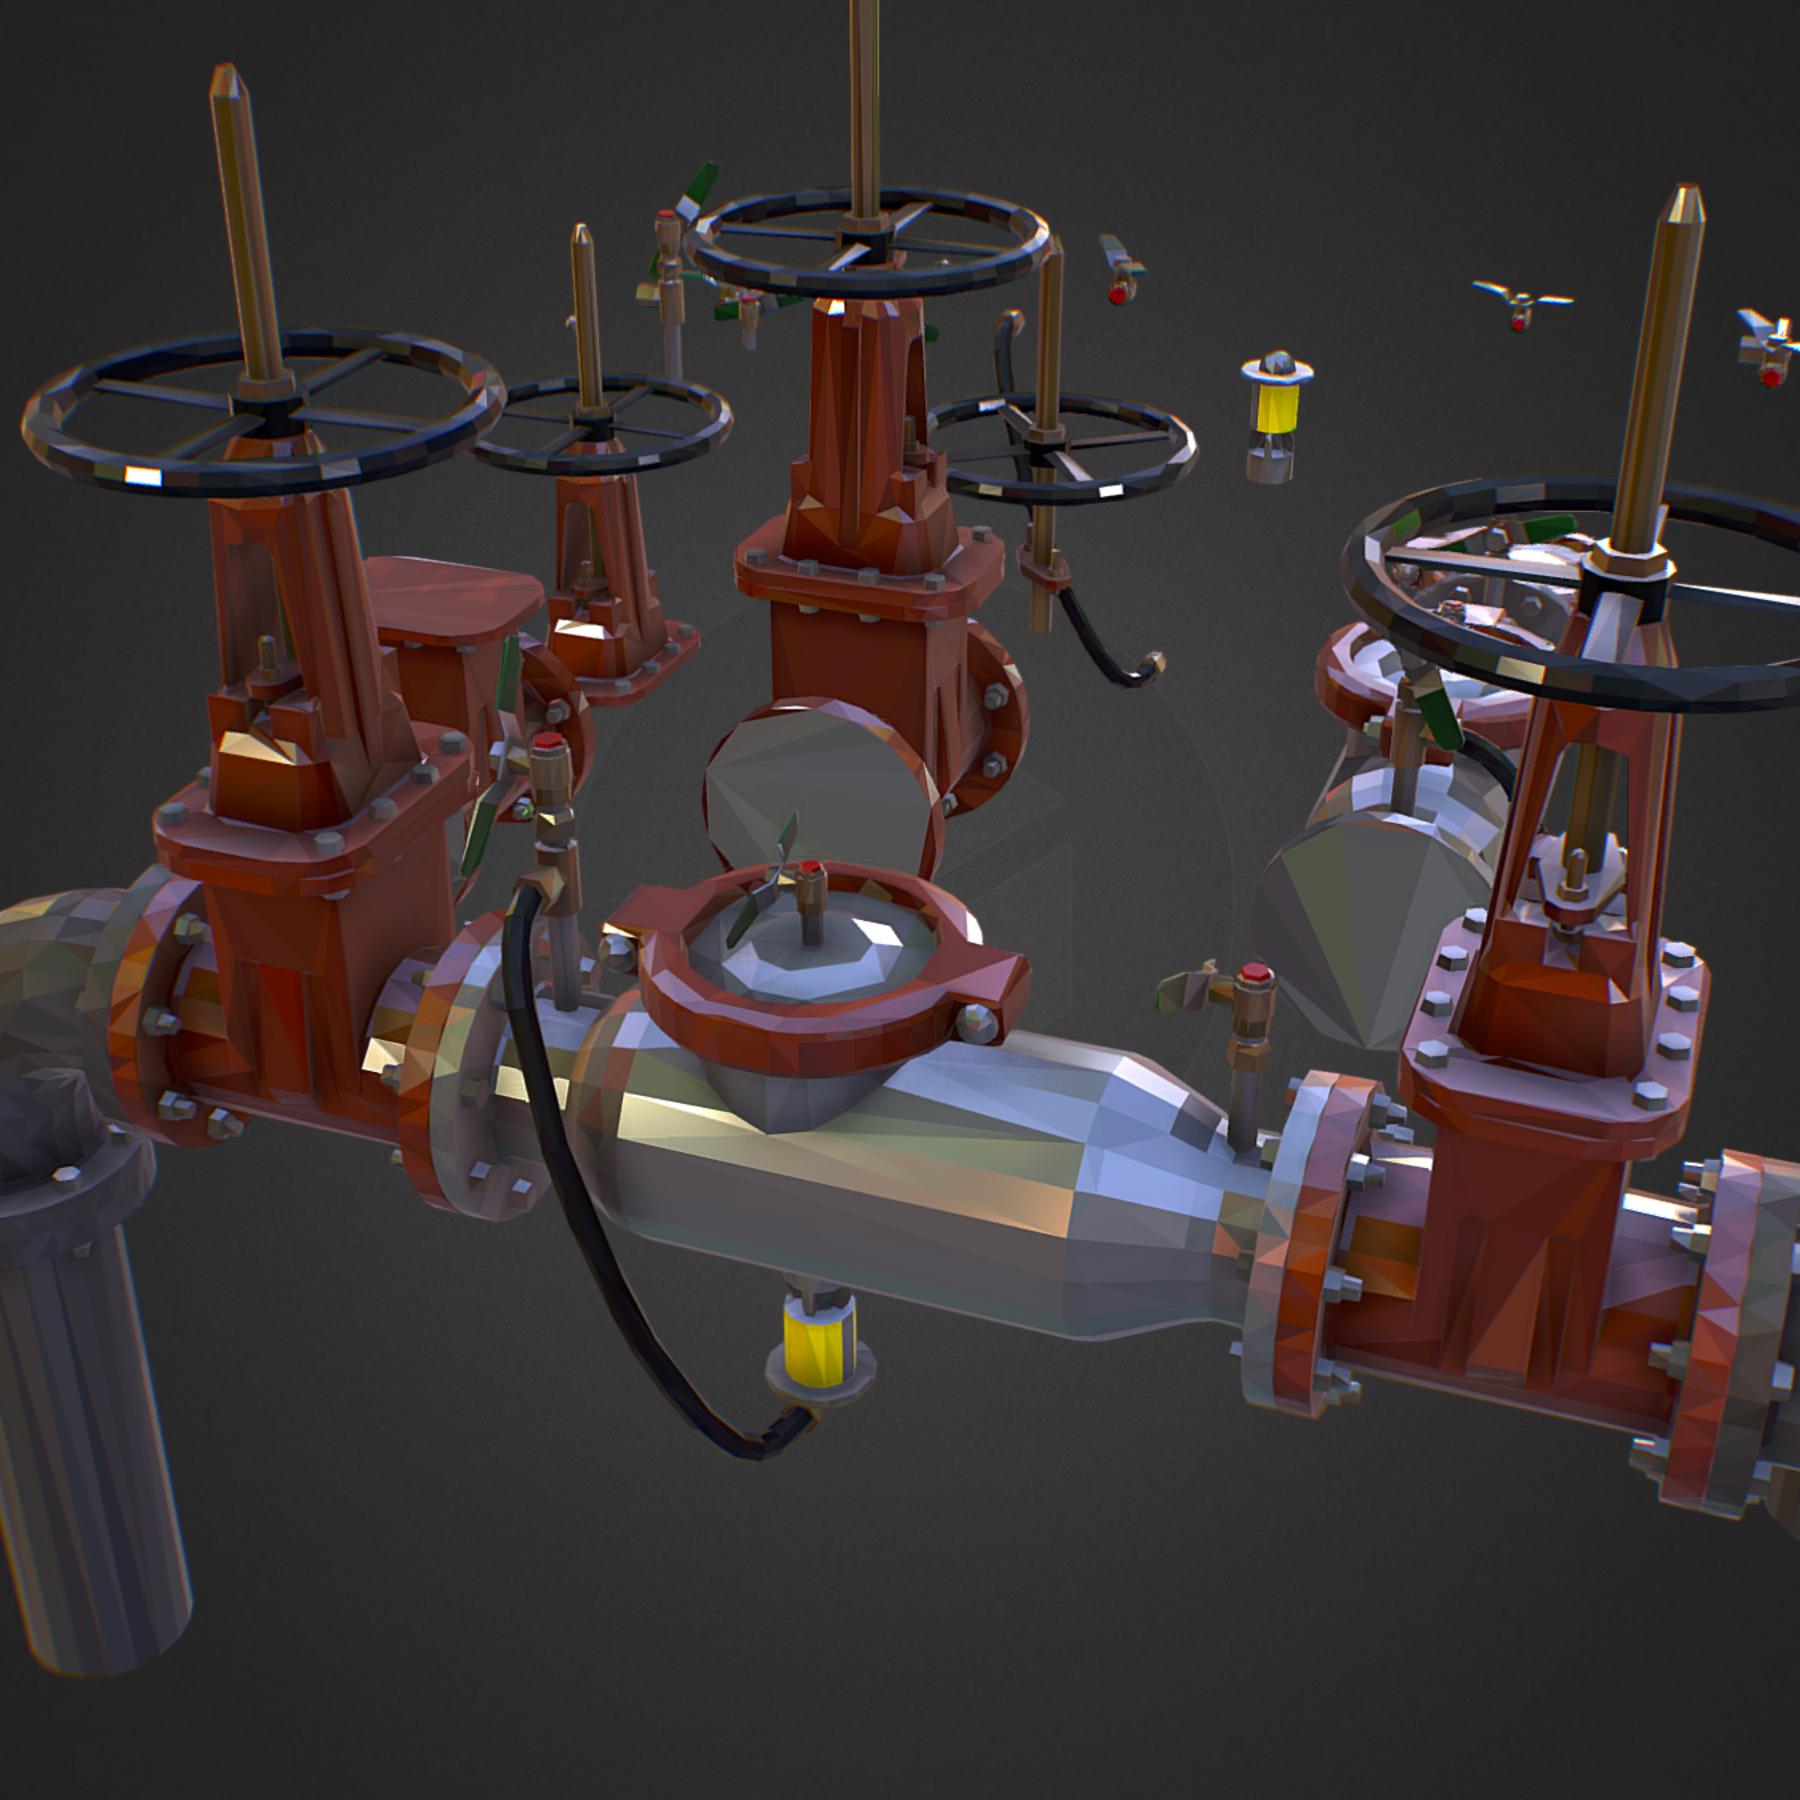 χαμηλός πολυεστιακός κατασκευαστής σωληνώσεων νερού επιστροφής ροής 3d max fbx ma mb tga targa icb vda vst pix obj 272539